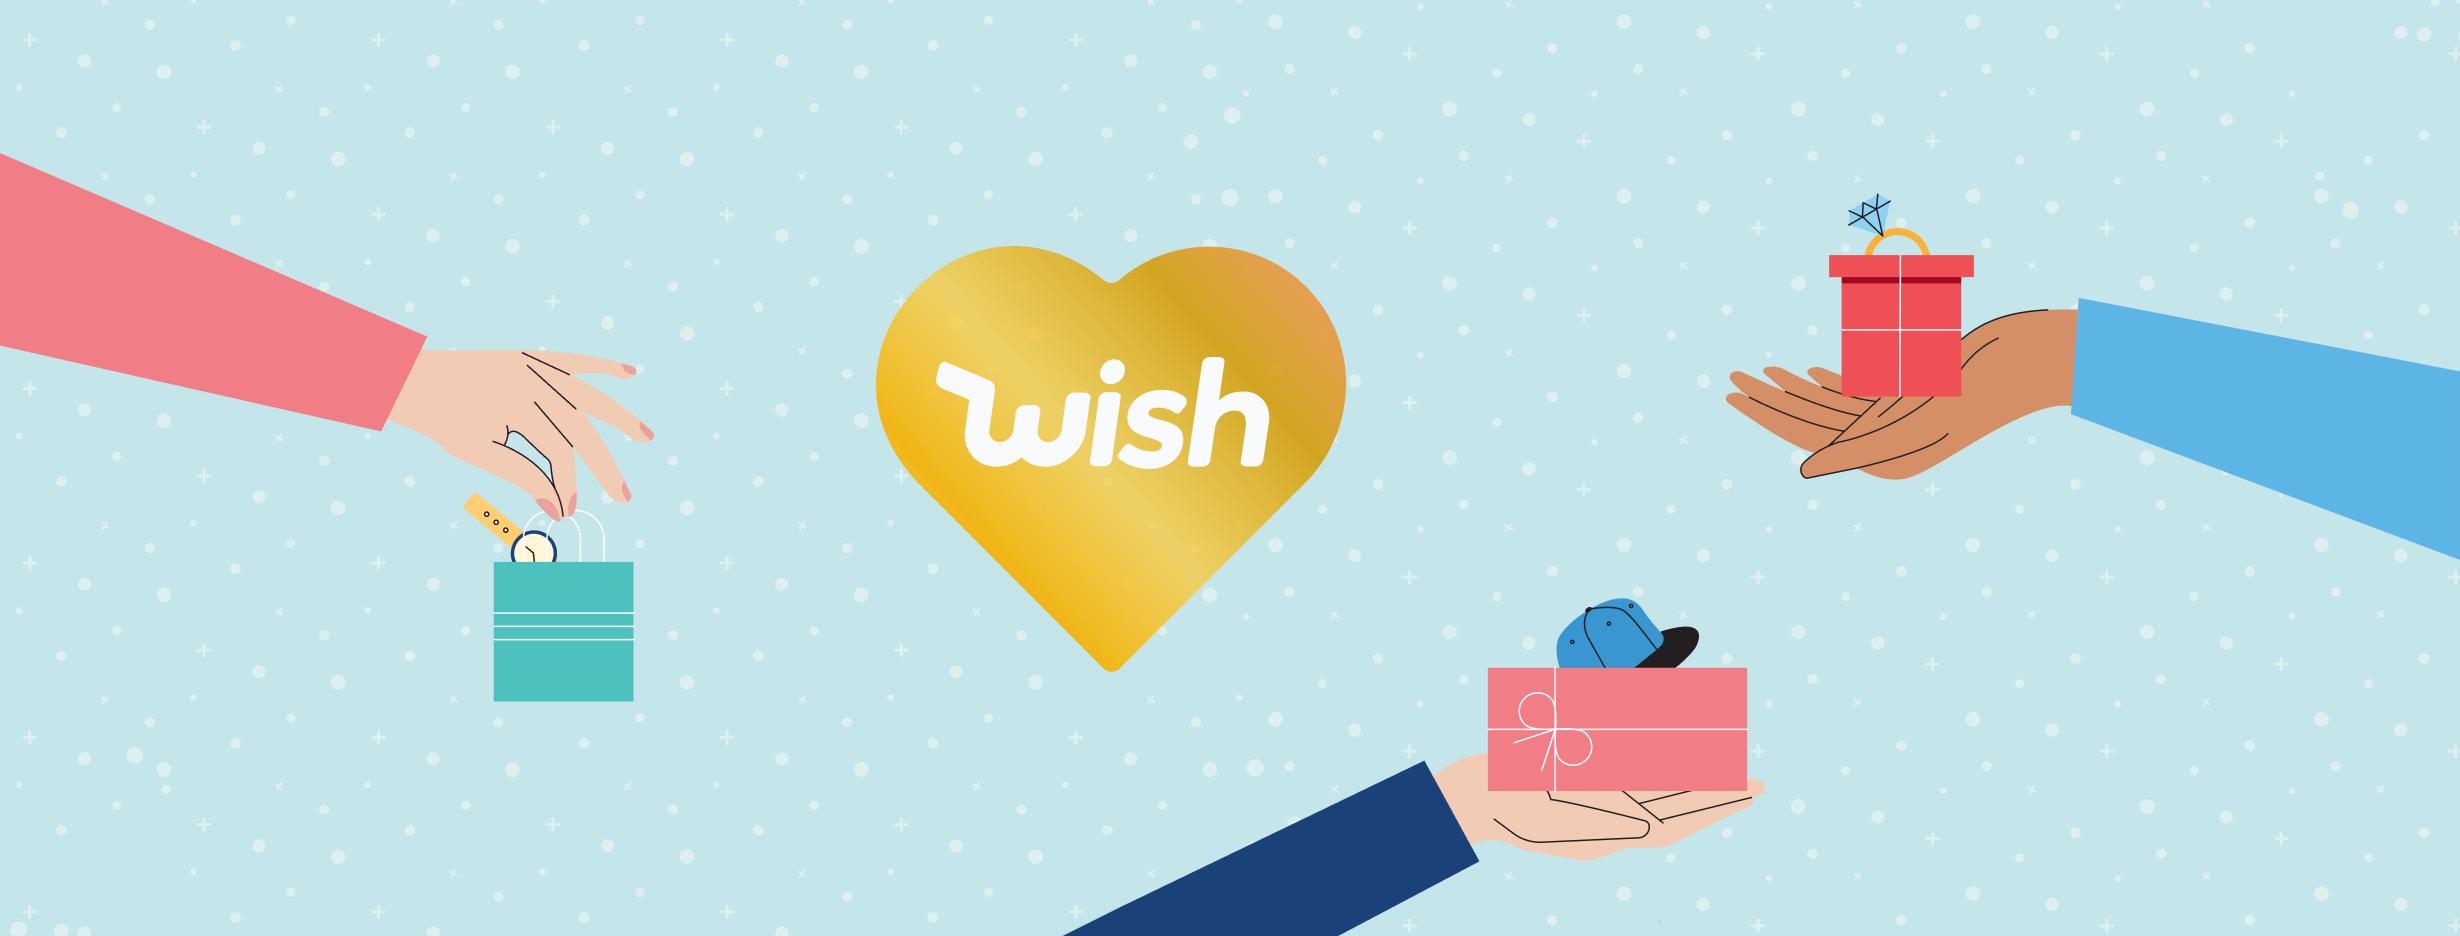 Come funziona wish shopping sito italiano